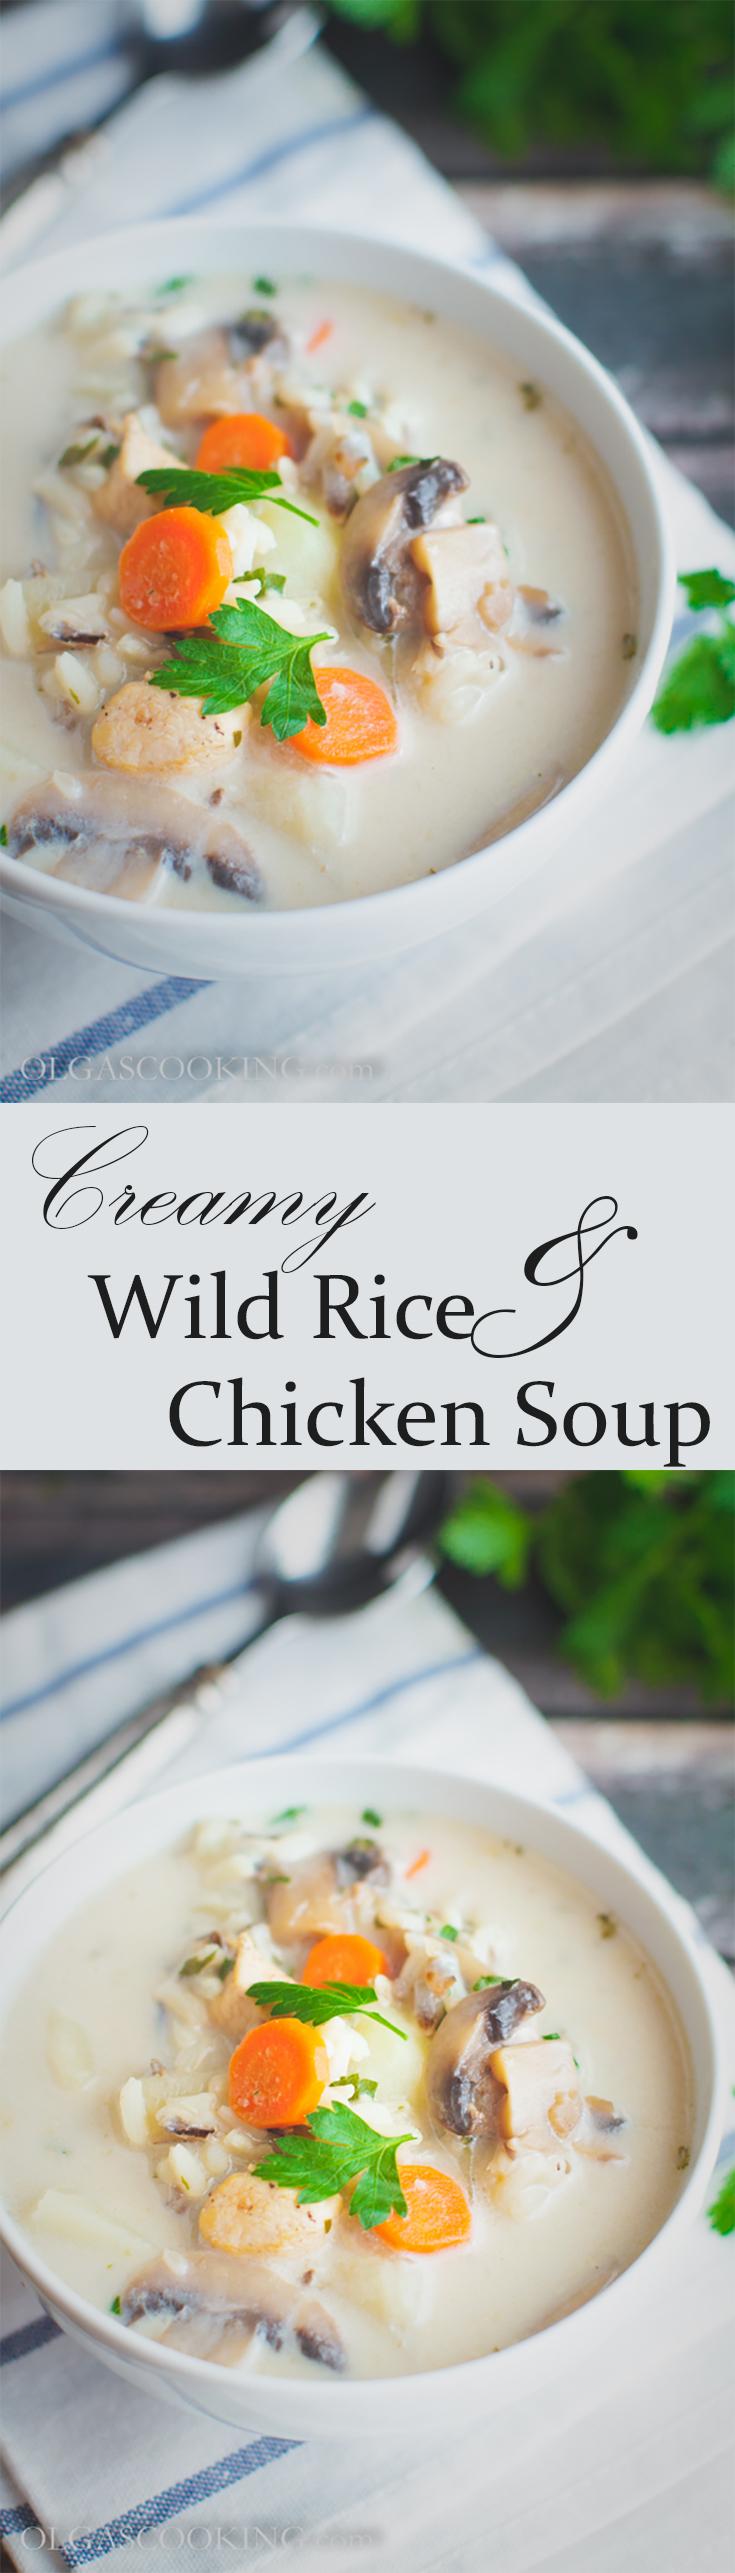 Creamy Wild Rice & Chicken Soup